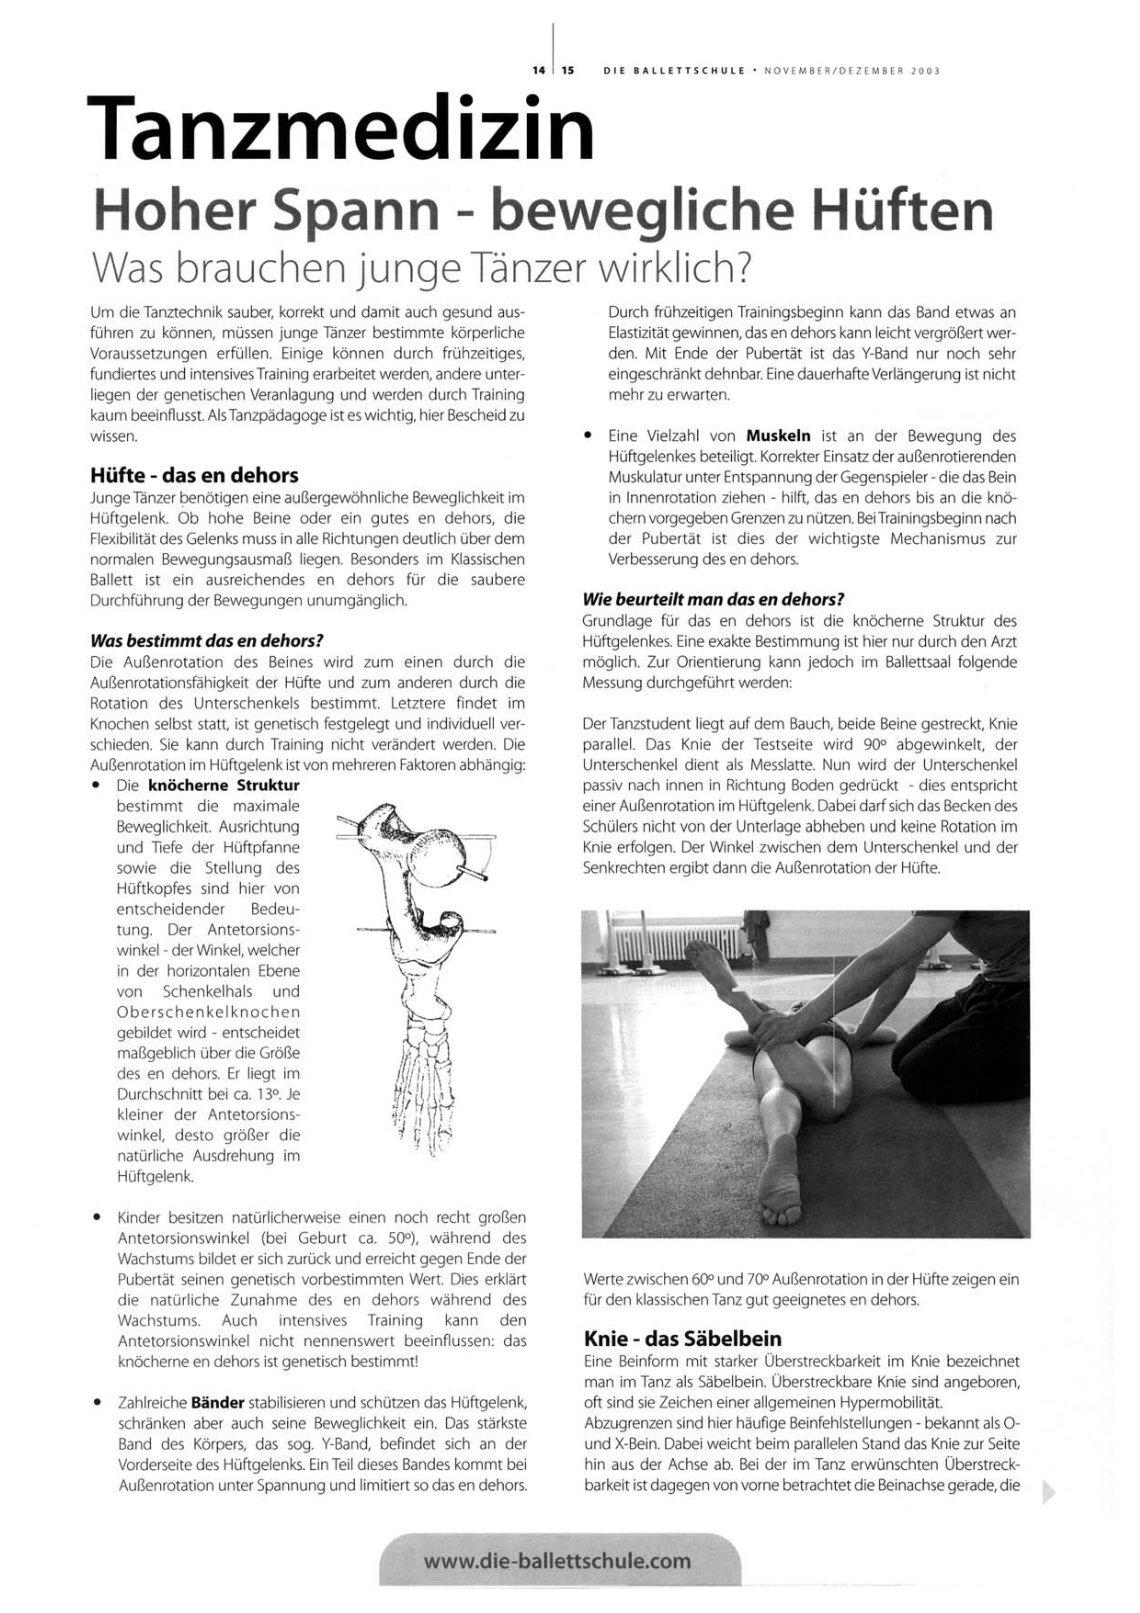 Groß Muskeln Um Hüfte Galerie - Physiologie Von Menschlichen ...